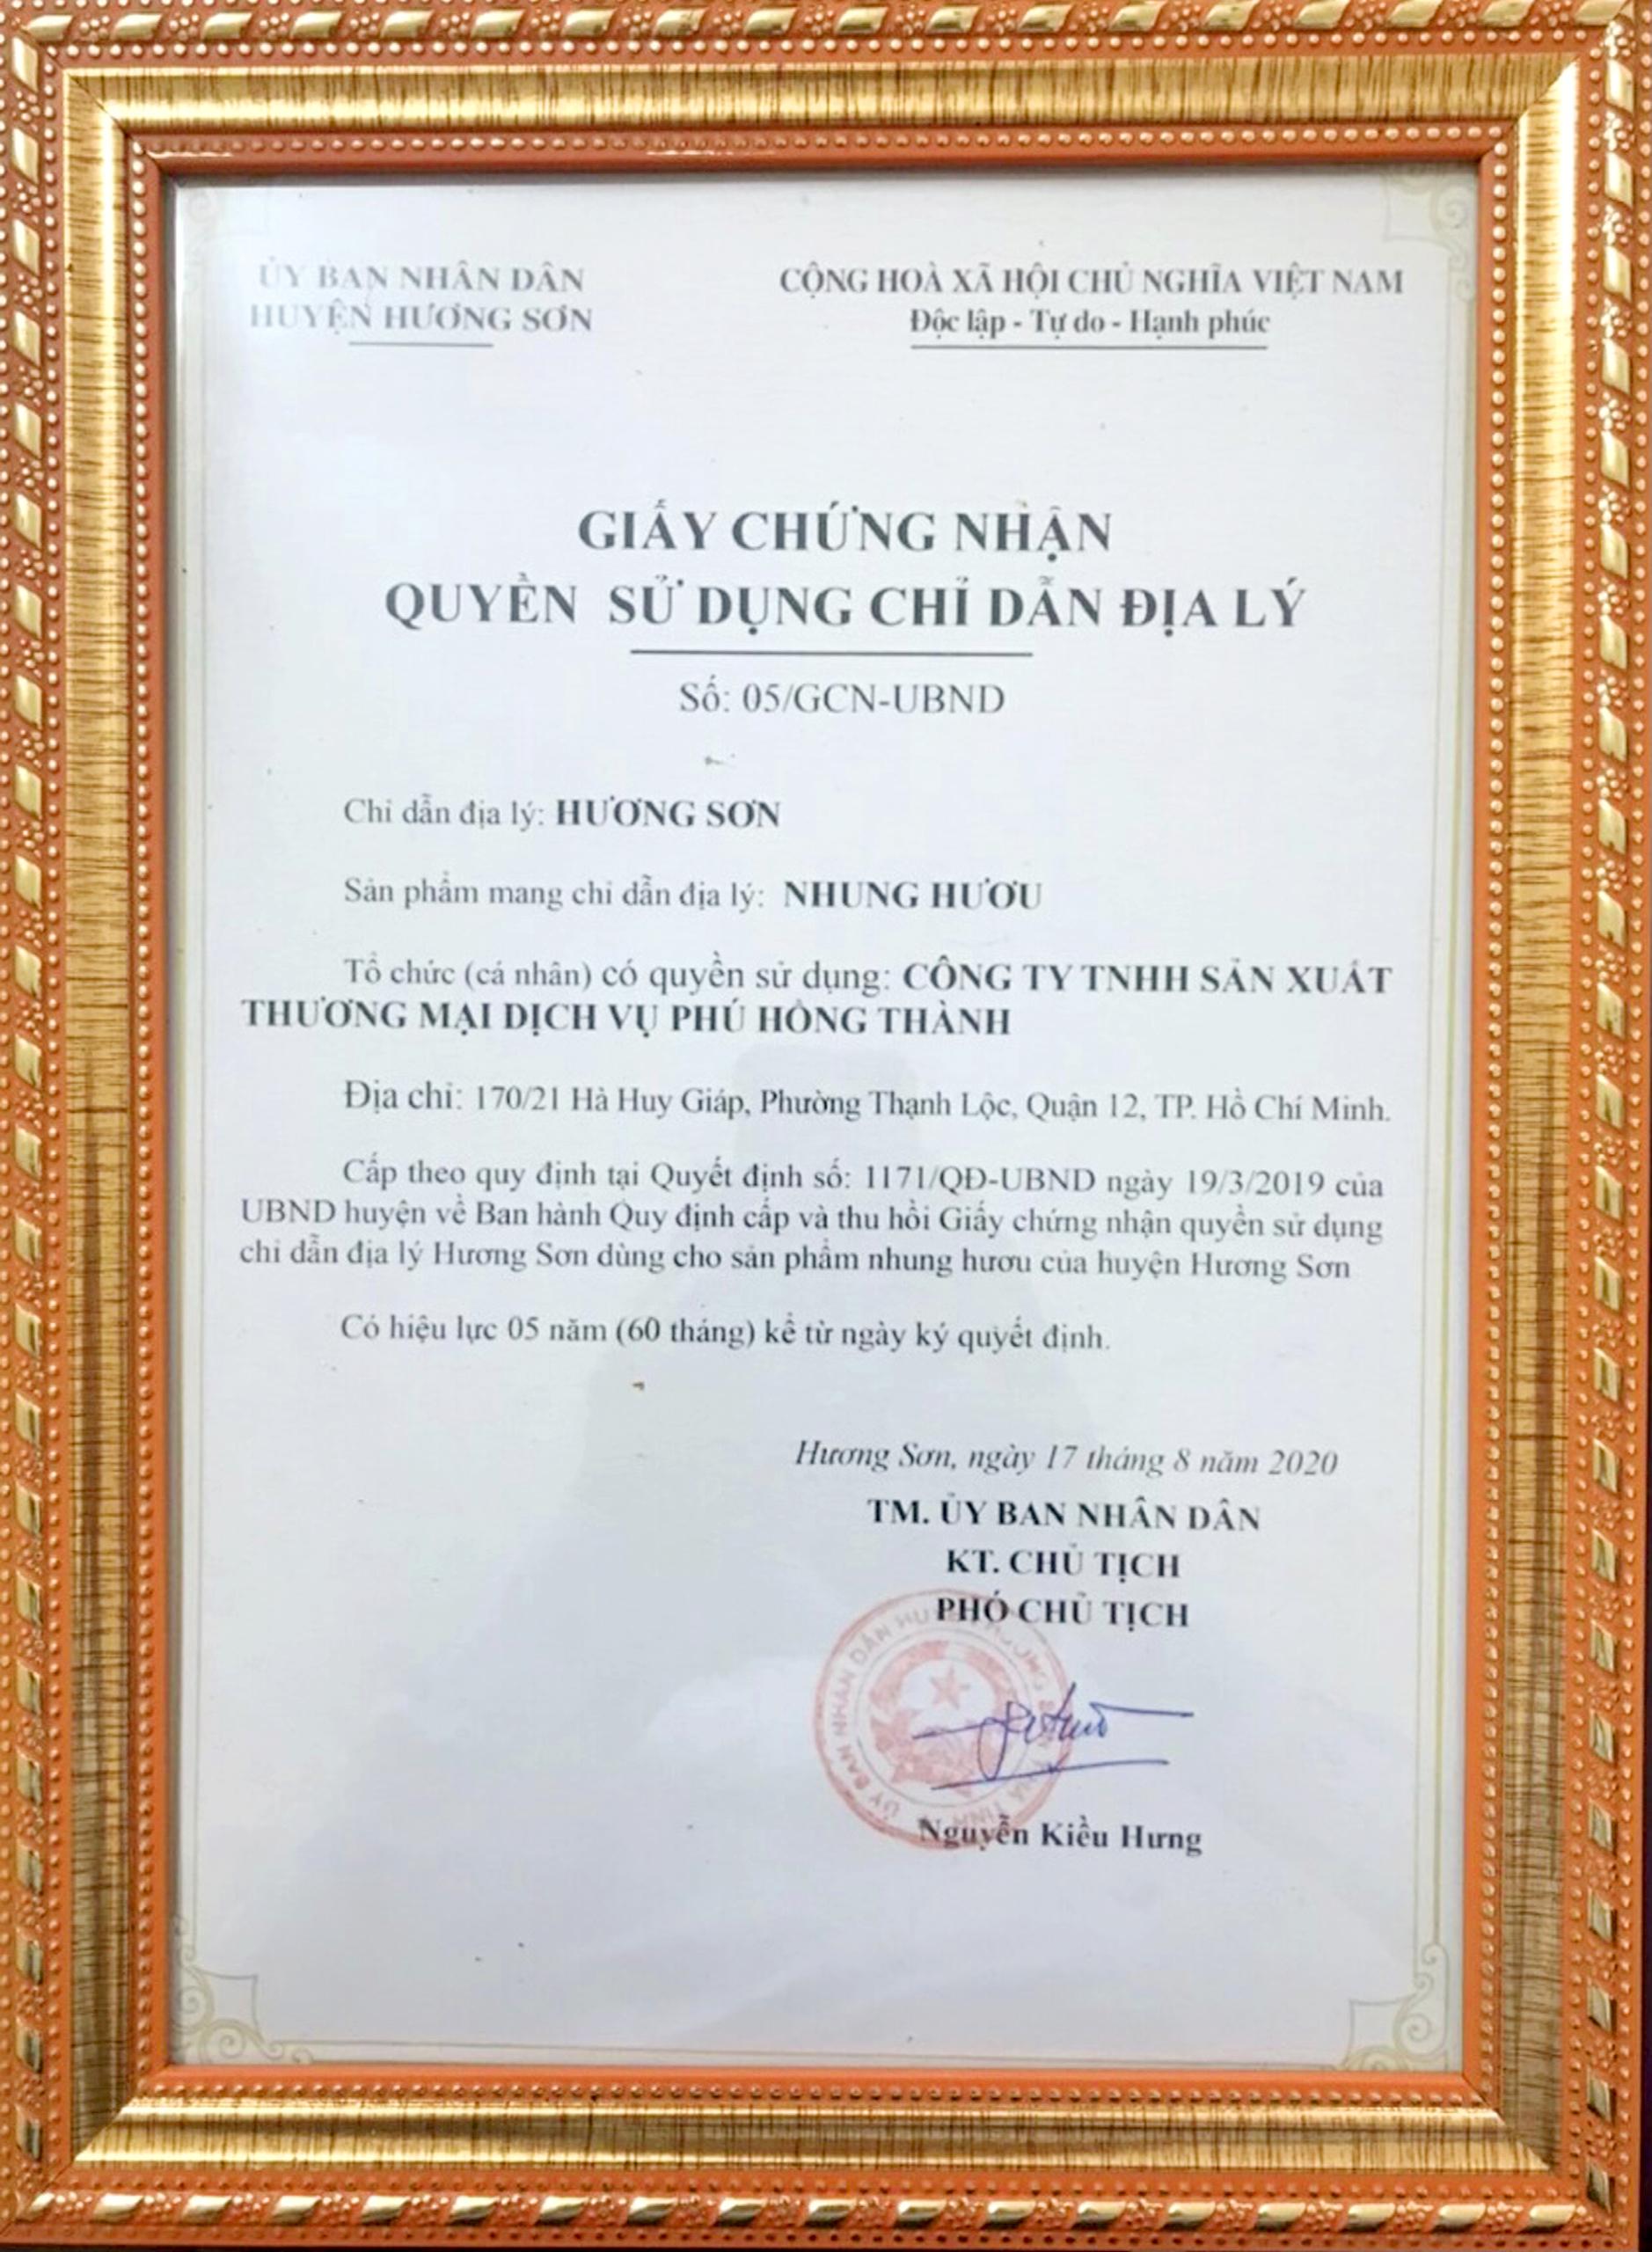 Phú Hồng Thành ra mắt thương hiệu Yến sào Hồng Tuyết Linh